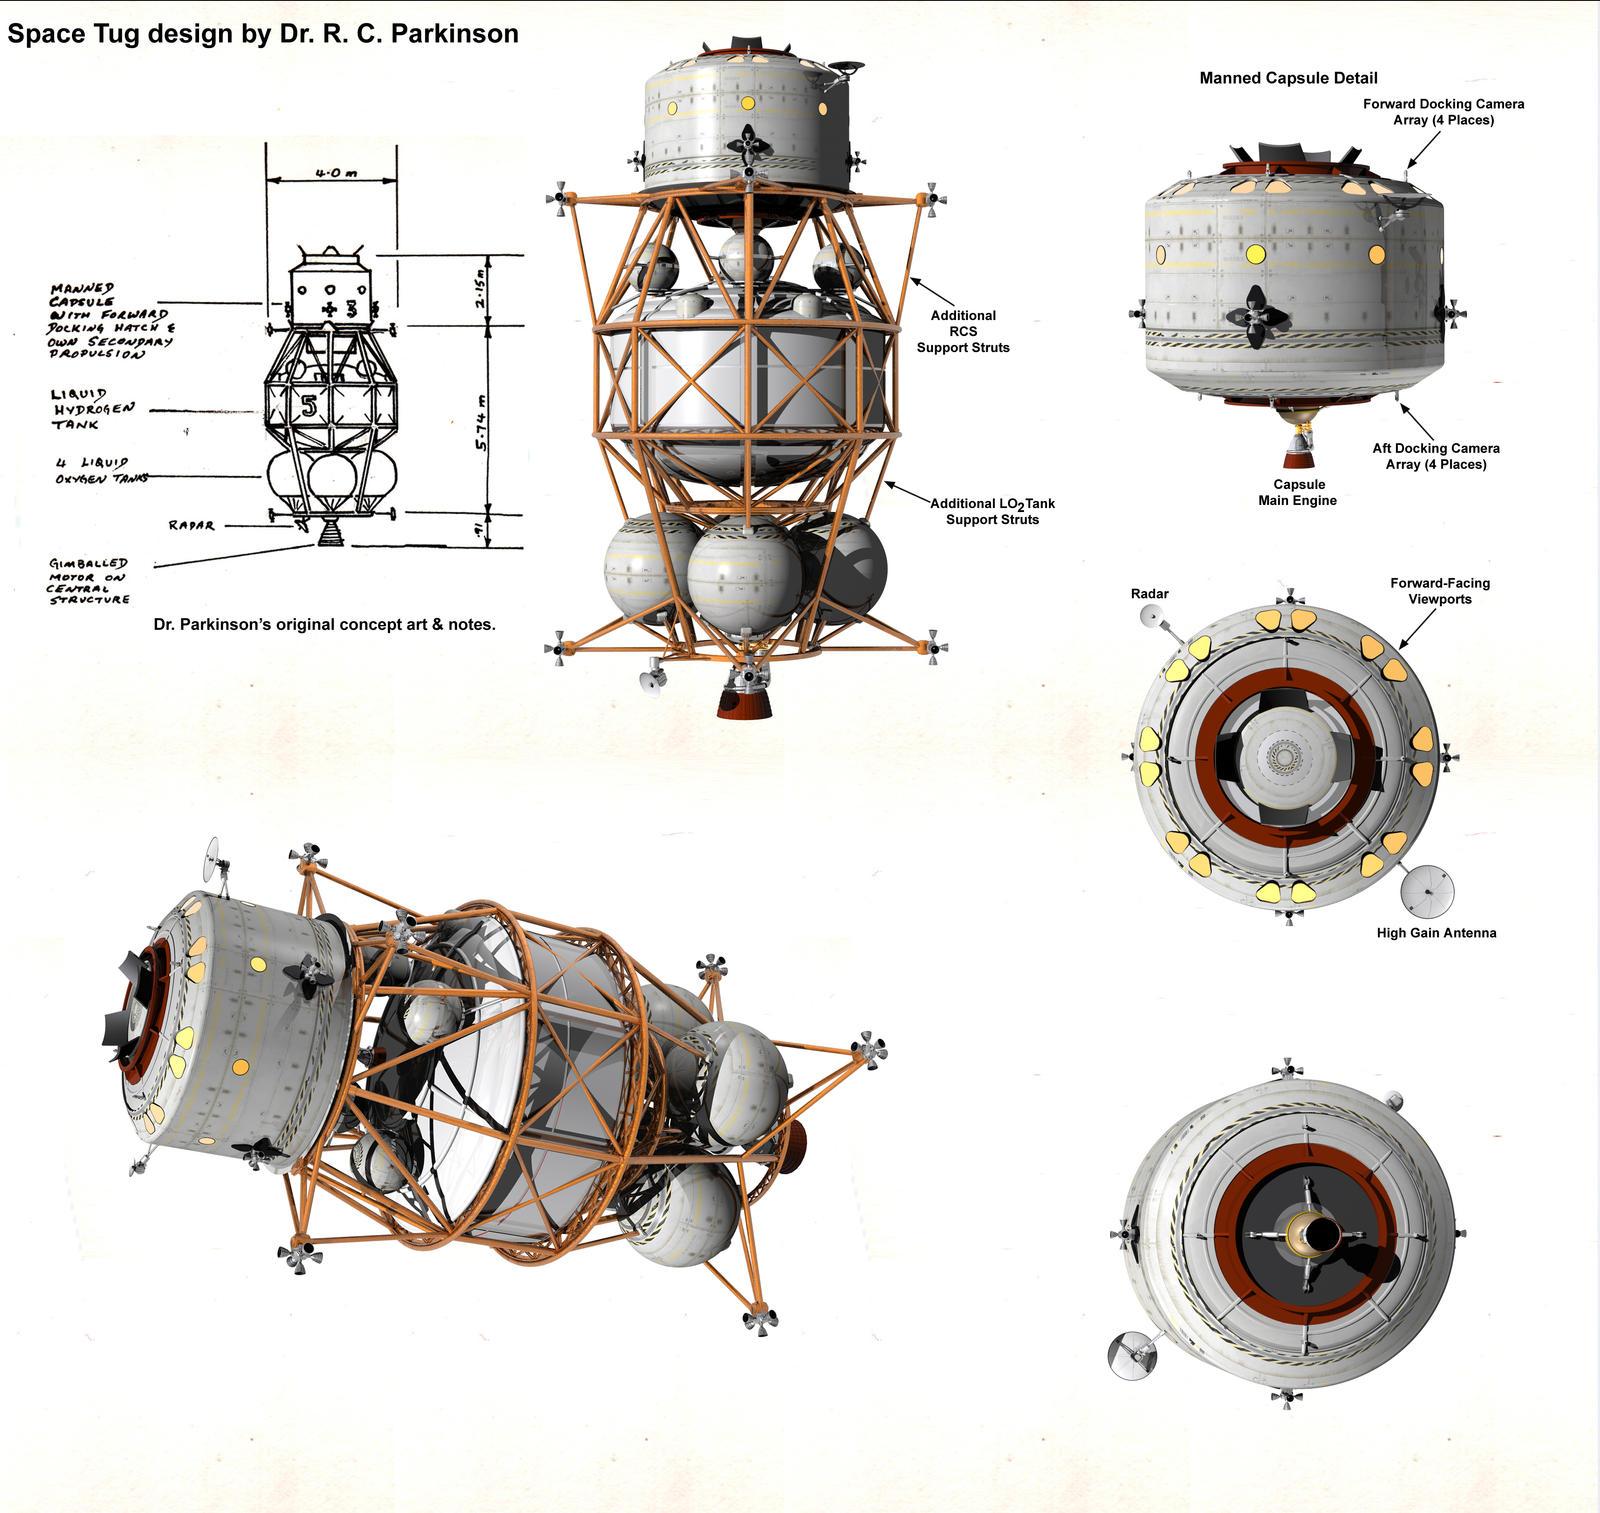 Dr. R. C. Parkinson Space Tug